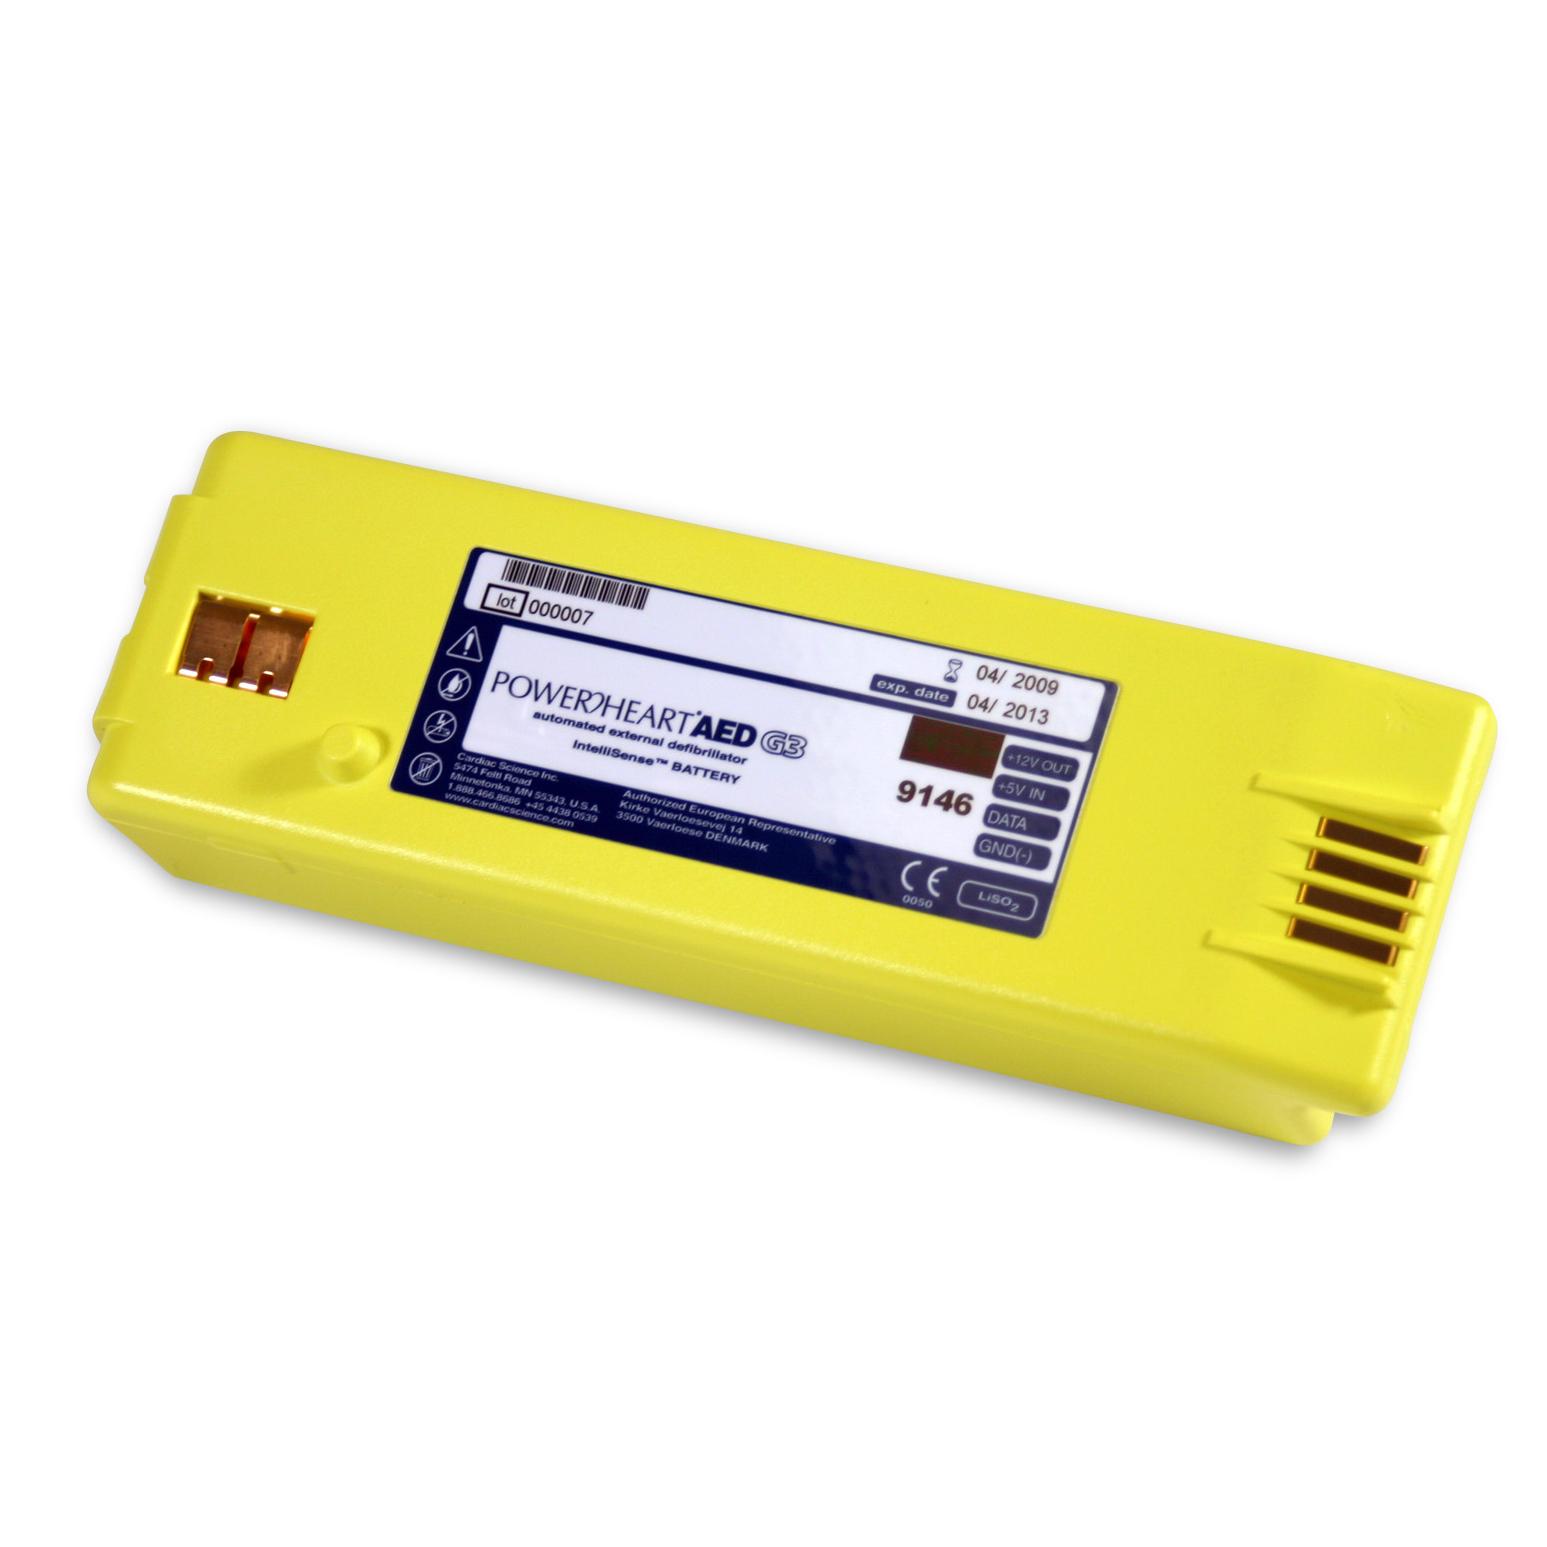 Cardiac Science G3 batterij € 430.55